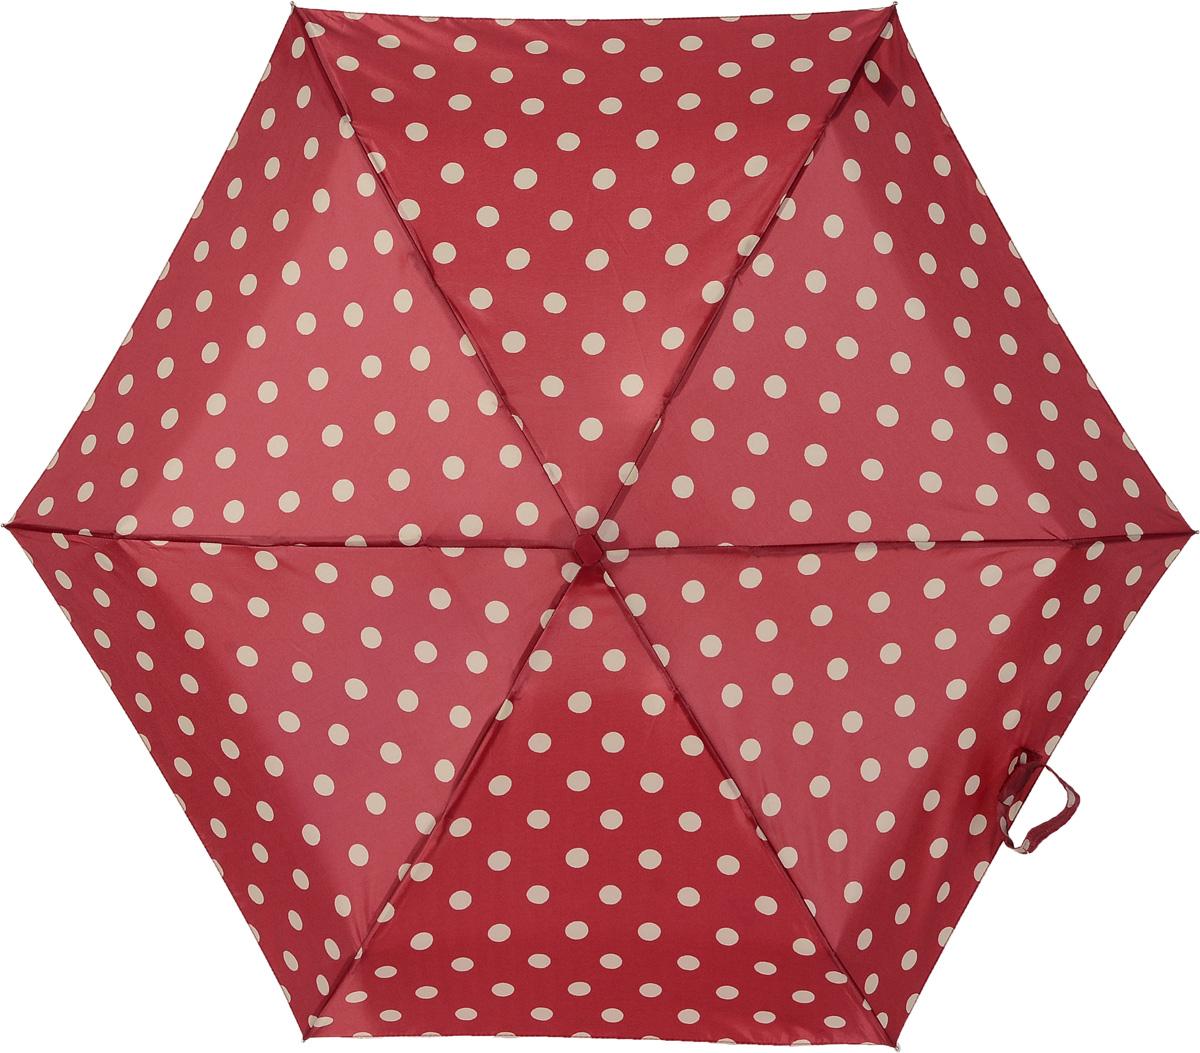 Зонт женский механика Cath Kidston Fulton, расцветка: горошек на красном. L521-3058 ButtonSpotBerryL521-3058 ButtonSpotBerryПрочный, необыкновенно компактный зонт, который с легкостью поместится в маленькую сумочку. Удобный плоский чехол. Облегченный алюминиевый каркас с элементами из фибергласса. Ветроустойчивая конструкция. Размеры зонта в сложенном виде 15смх6смх3см, диаметр купола 87 см.